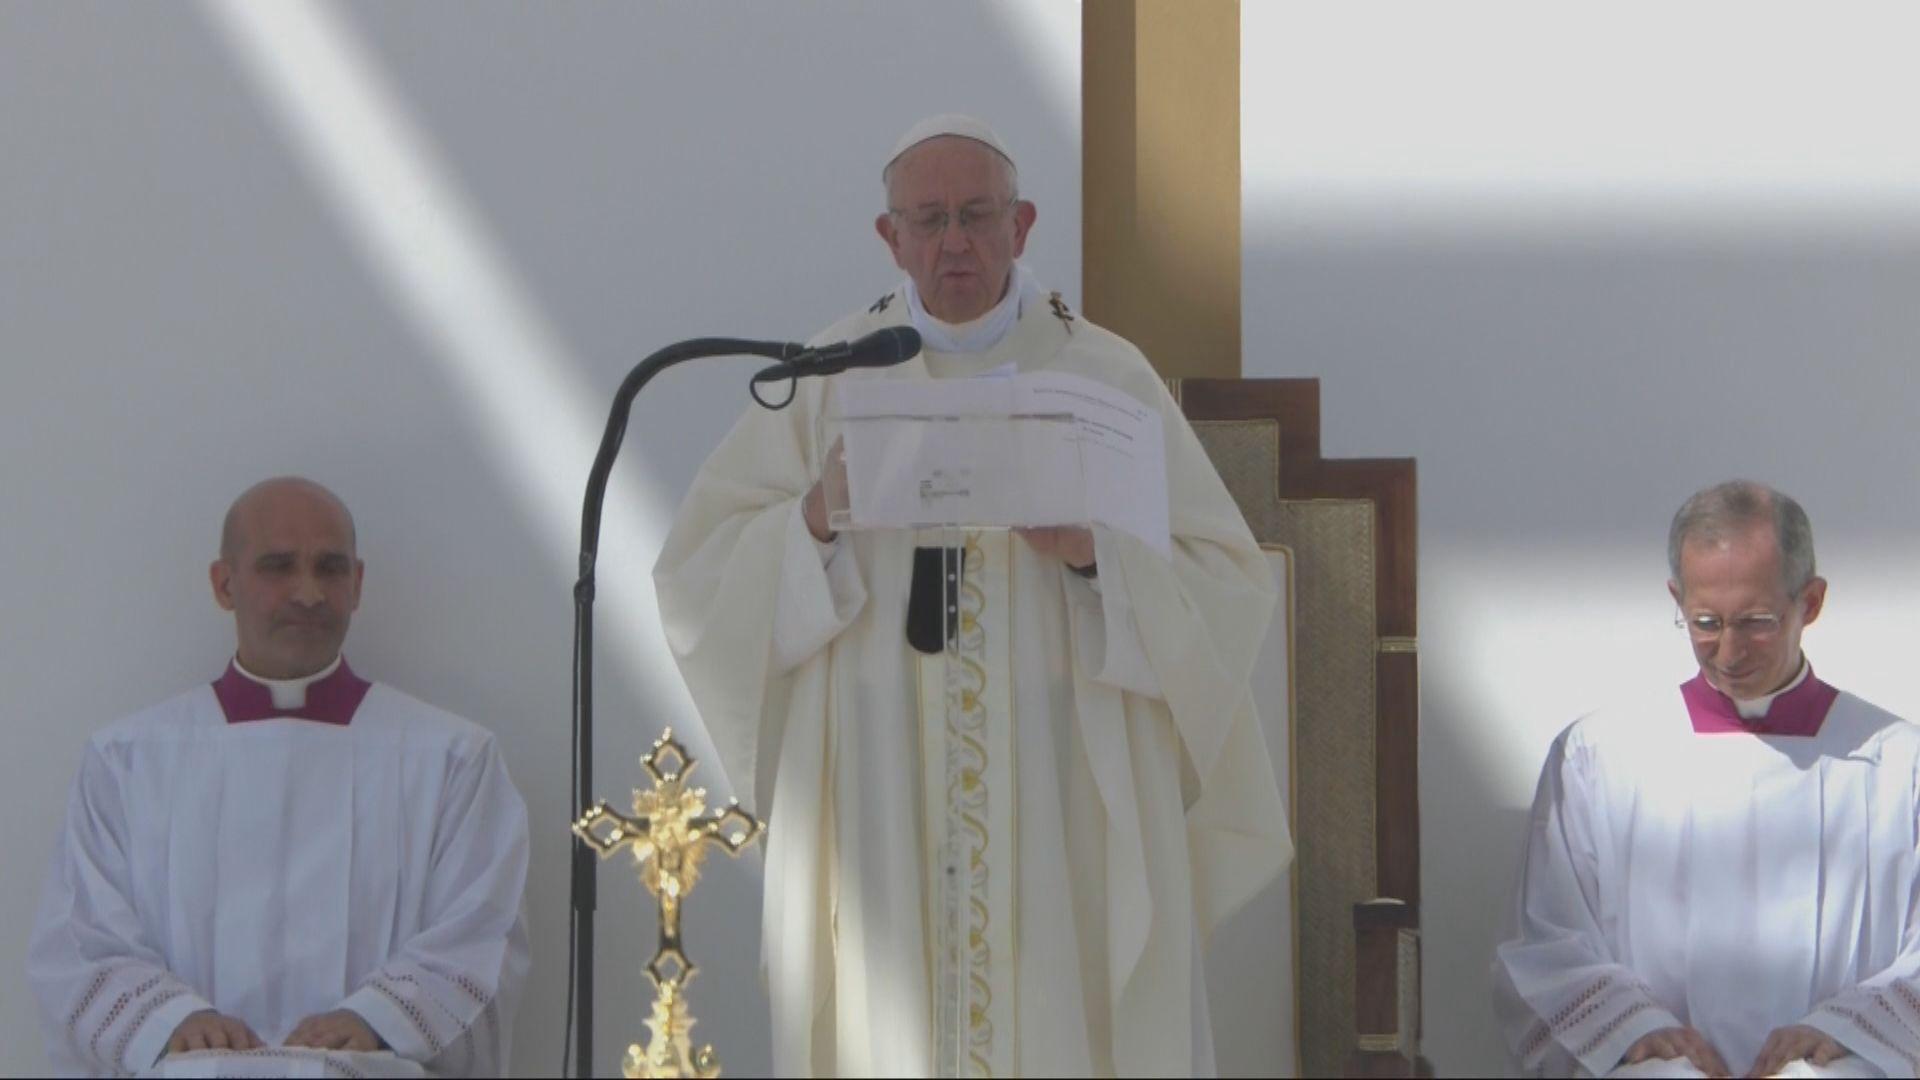 教宗於阿聯酋主持彌撒後回意大利